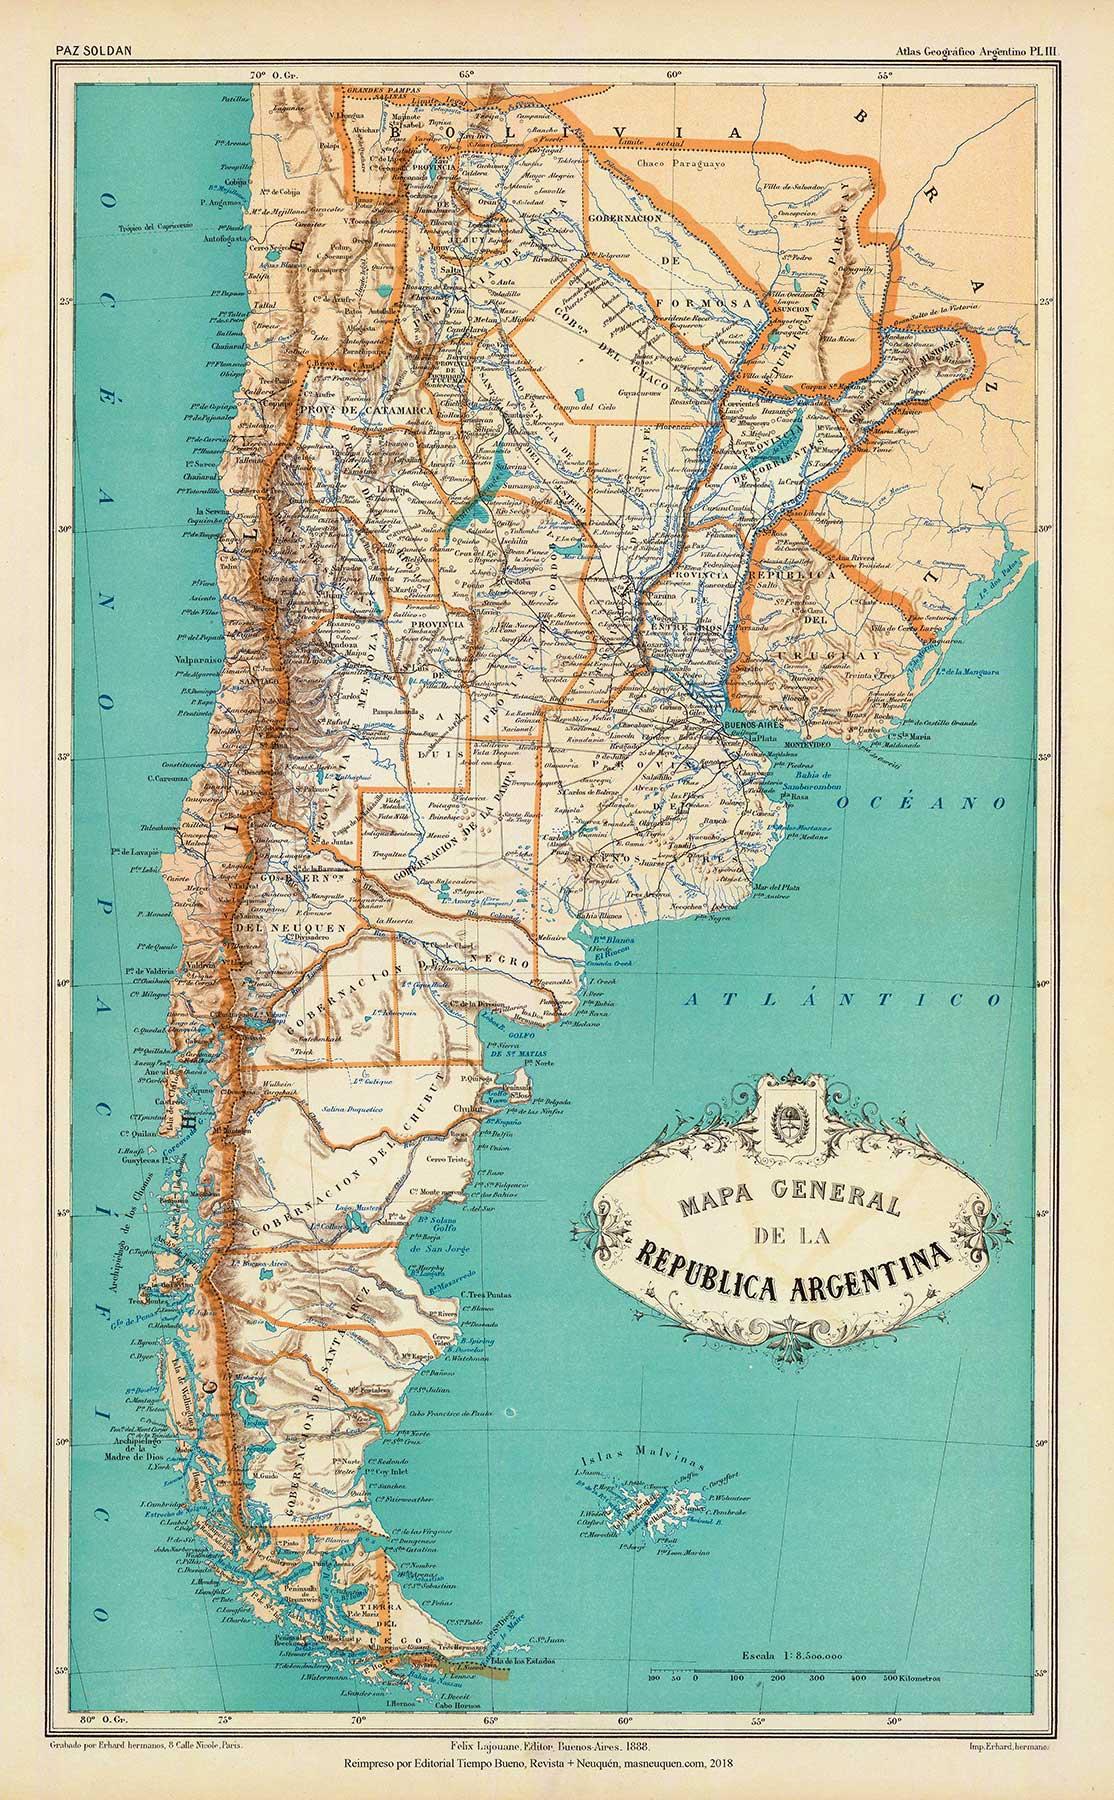 Mapa de la República Argentina de 1887 – reeditado en 1888, del Atlas Geográfico de la República Argentina, de Mariano Felipe Paz Soldán Buenos Aires – Librería de Felix Lajouane – 1887